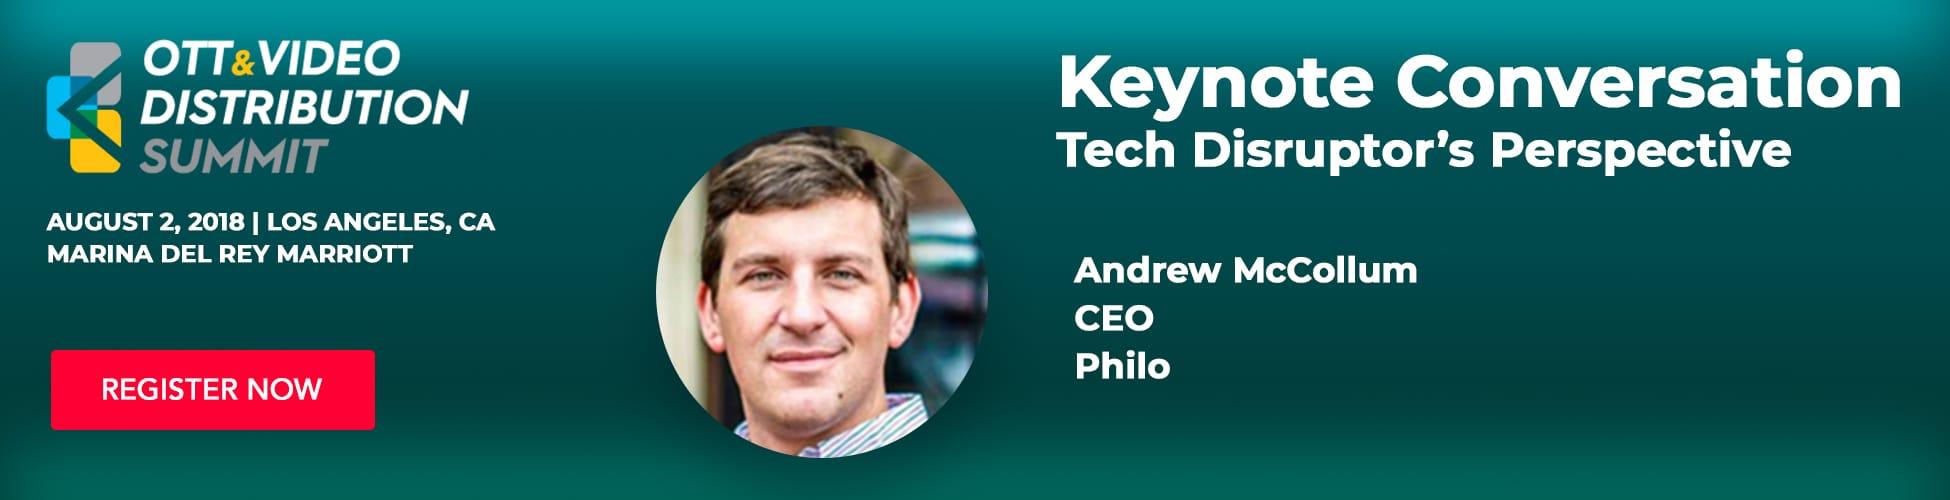 Andrew McCollum, CEO - Keynote Presentation